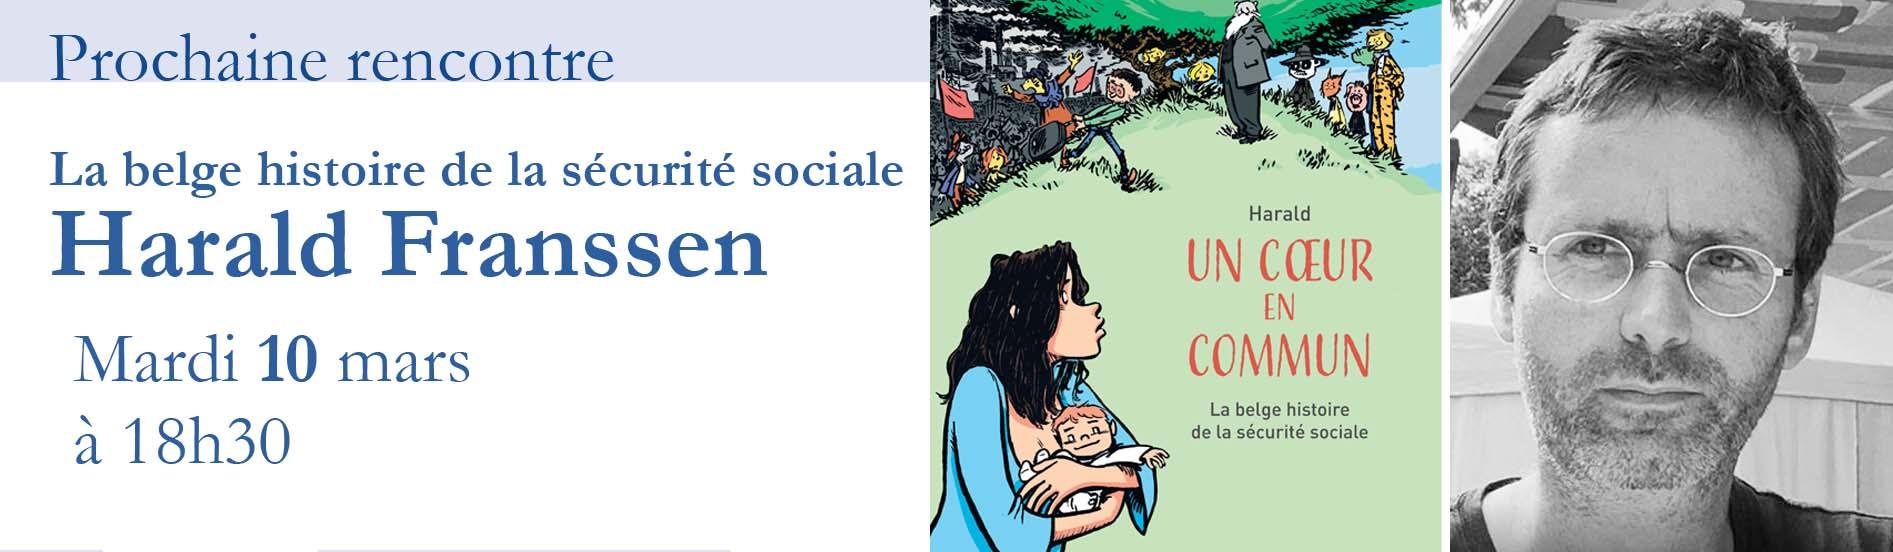 La belge histoire de la sécurité sociale avec Harald Franssen